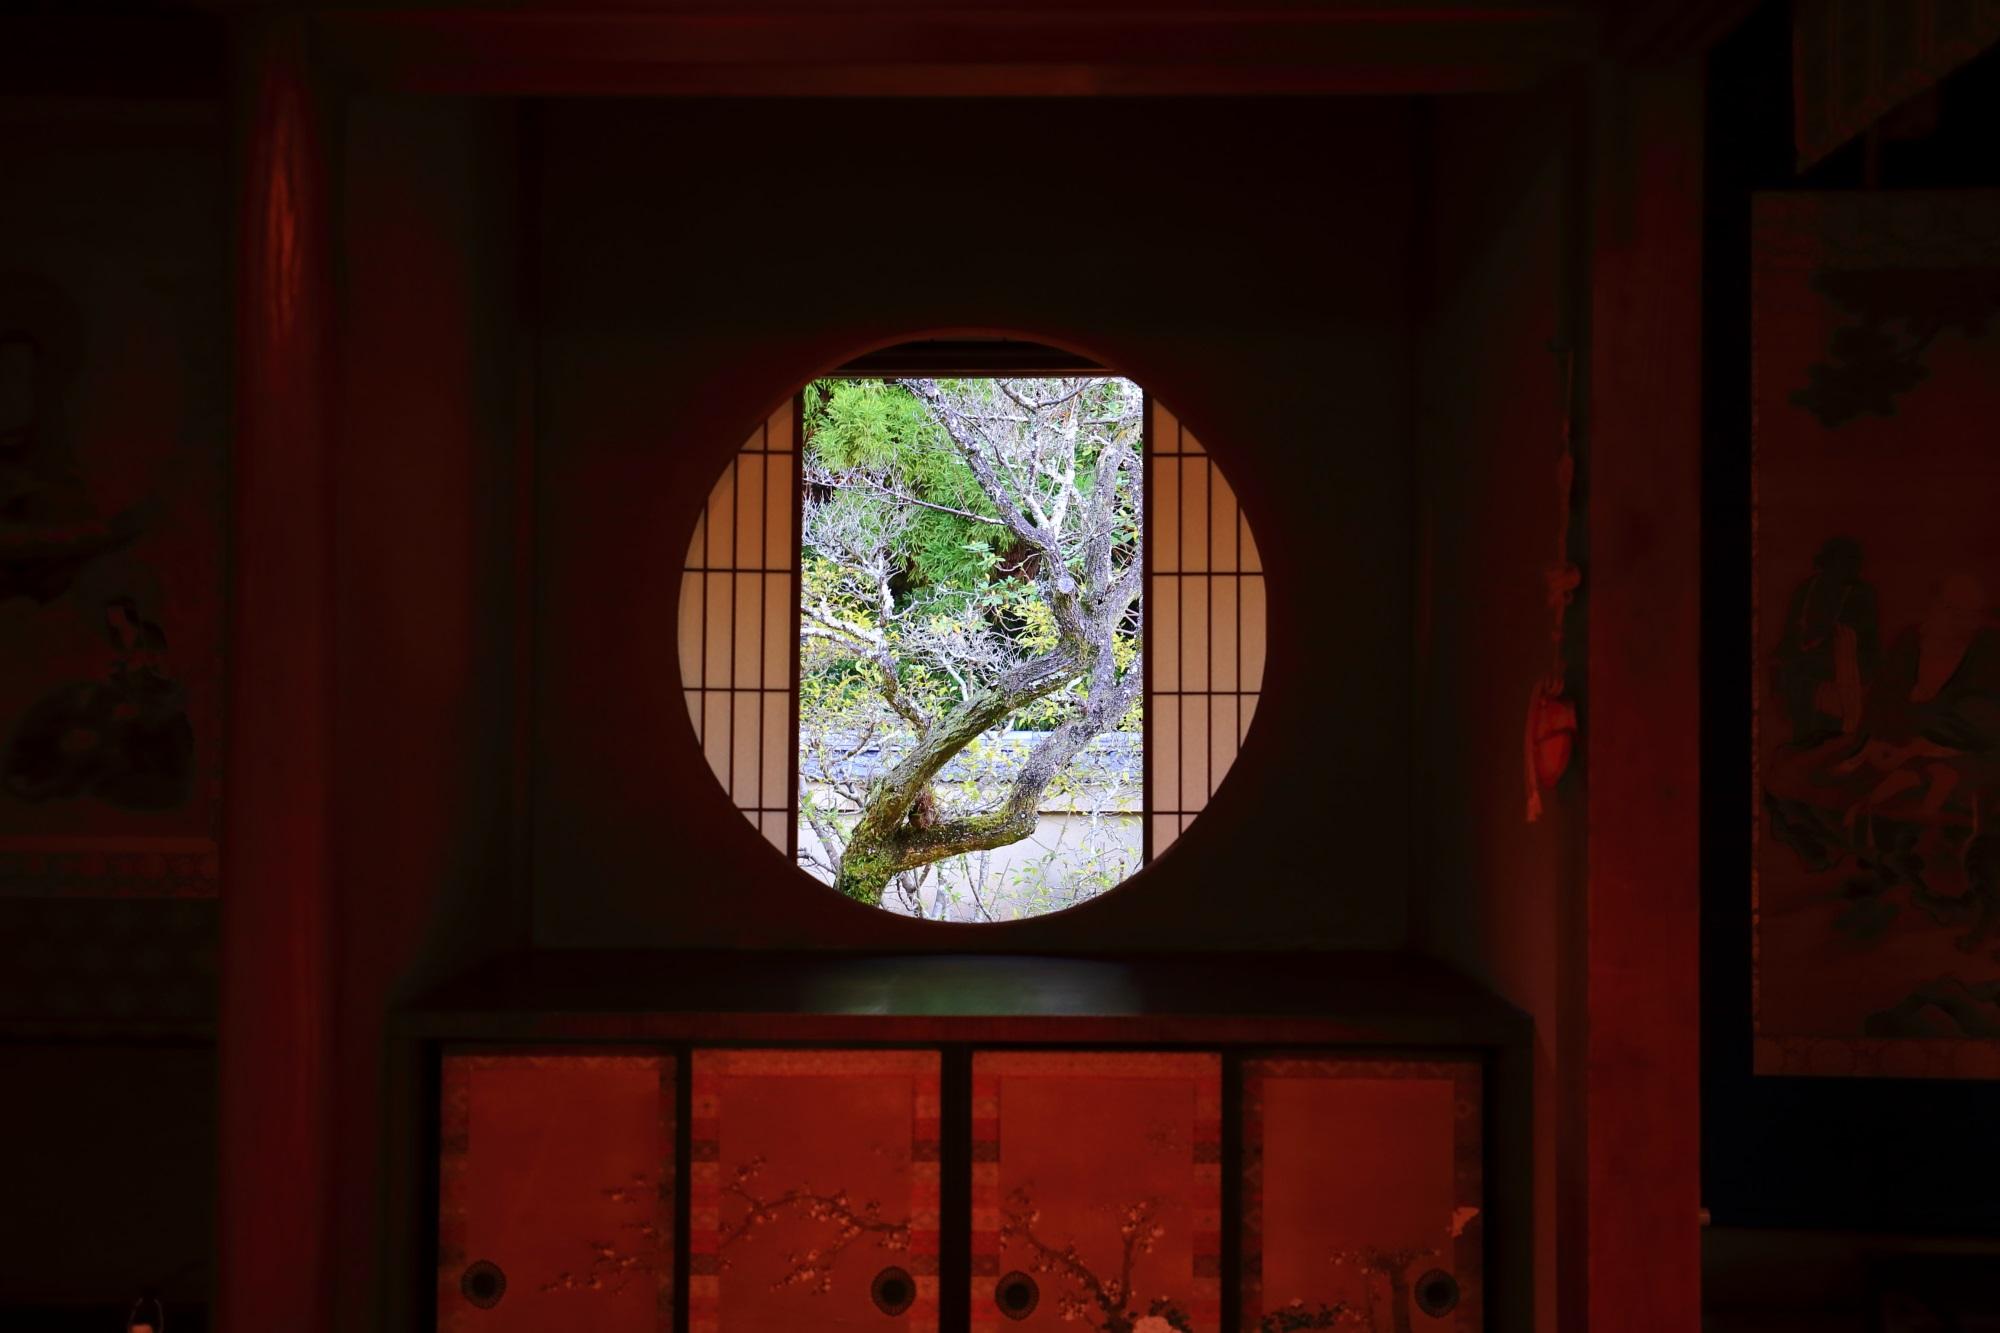 御寺泉涌寺別院の雲龍院の悟りの窓